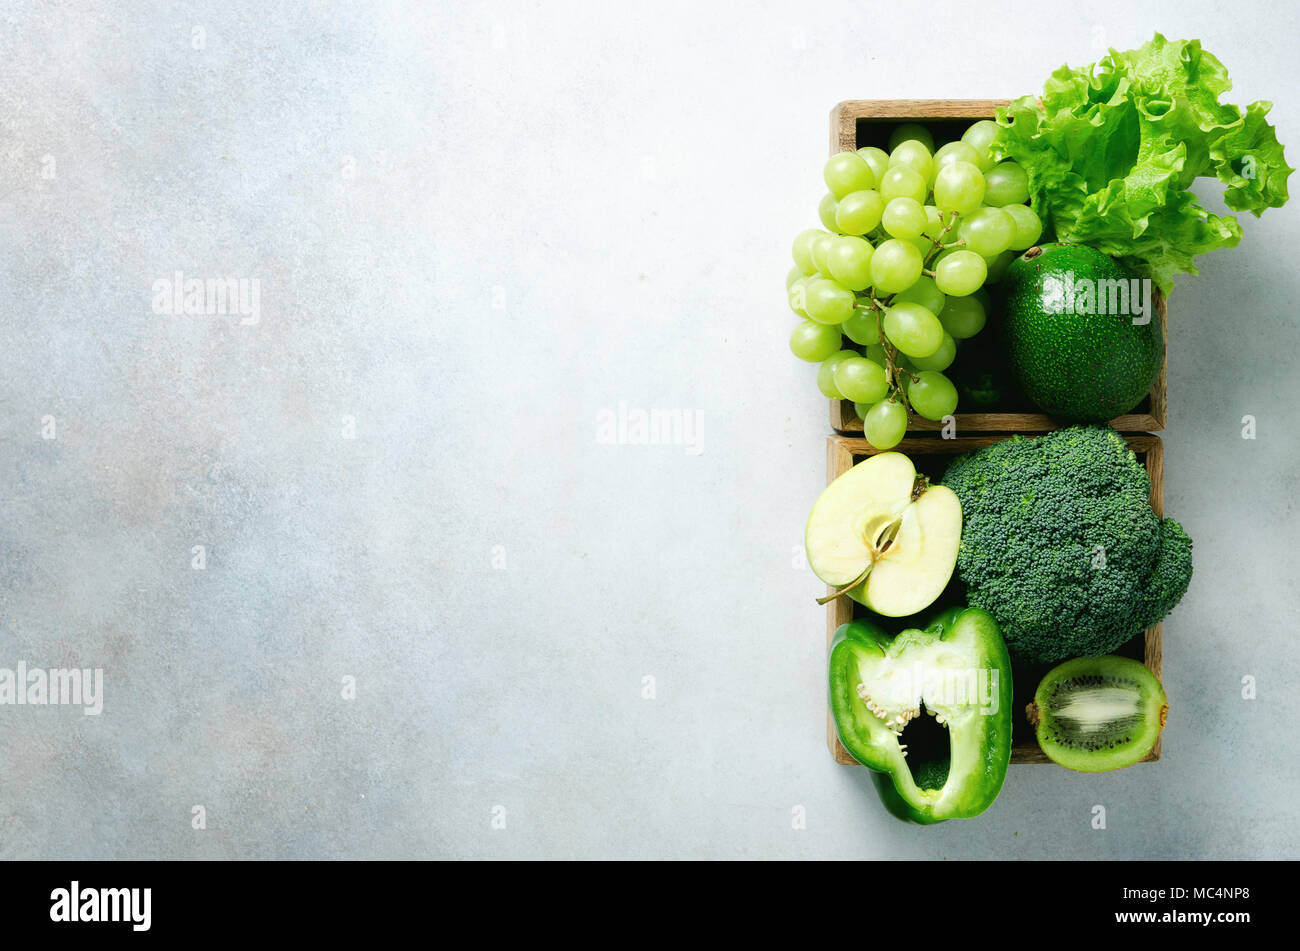 Verde biologico di frutta e verdura su sfondo grigio. Spazio di copia, piatto di laici che, vista dall'alto. Verde mela, lattuga, zucchini, cetrioli, avocado, kale, calce, kiwi, uva, banana, broccoli Immagini Stock